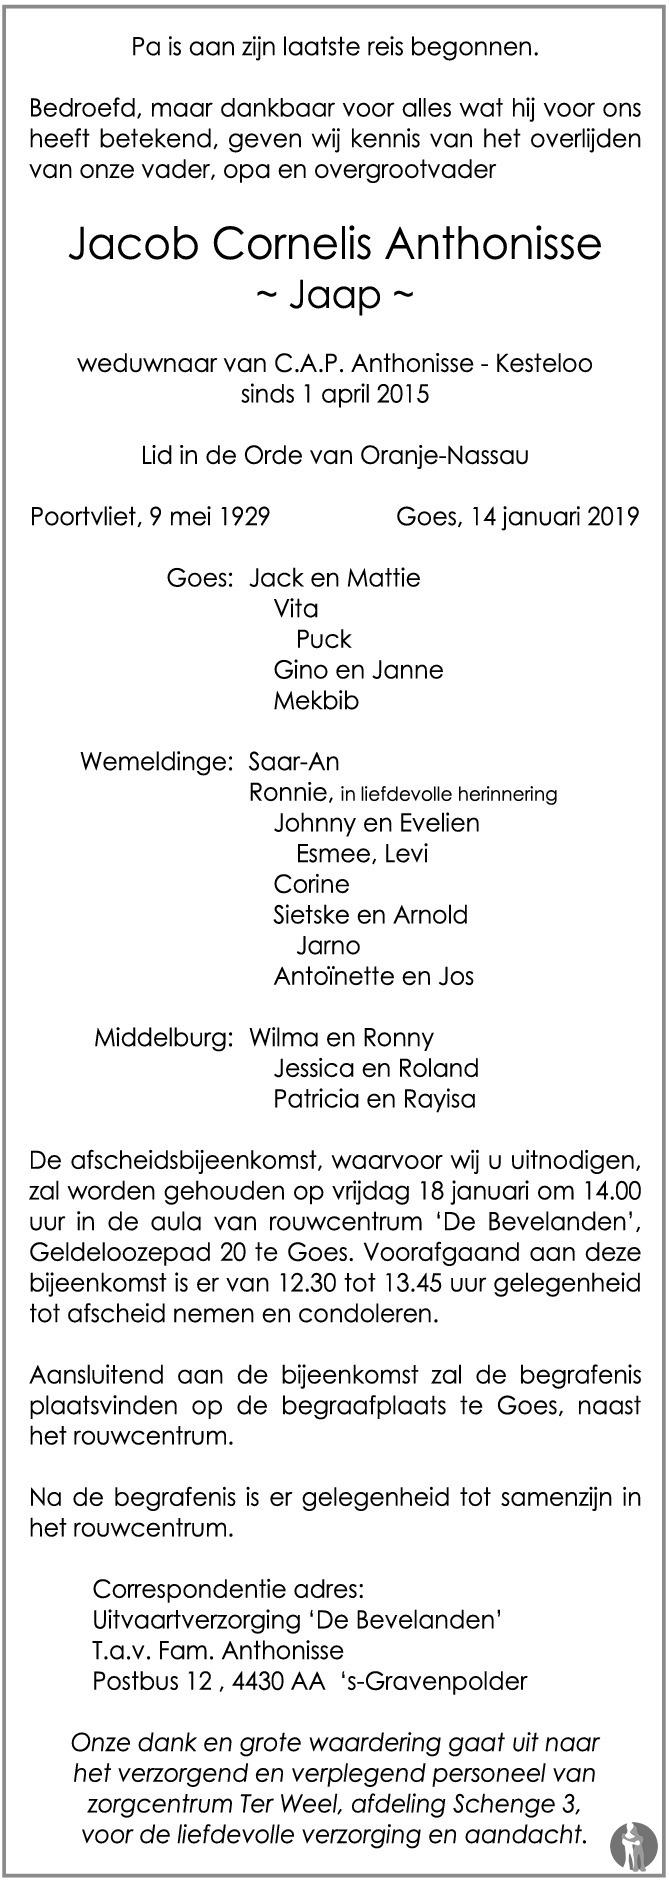 Overlijdensbericht van Jacob Cornelis (Jaap) Anthonisse  in PZC Provinciale Zeeuwse Courant